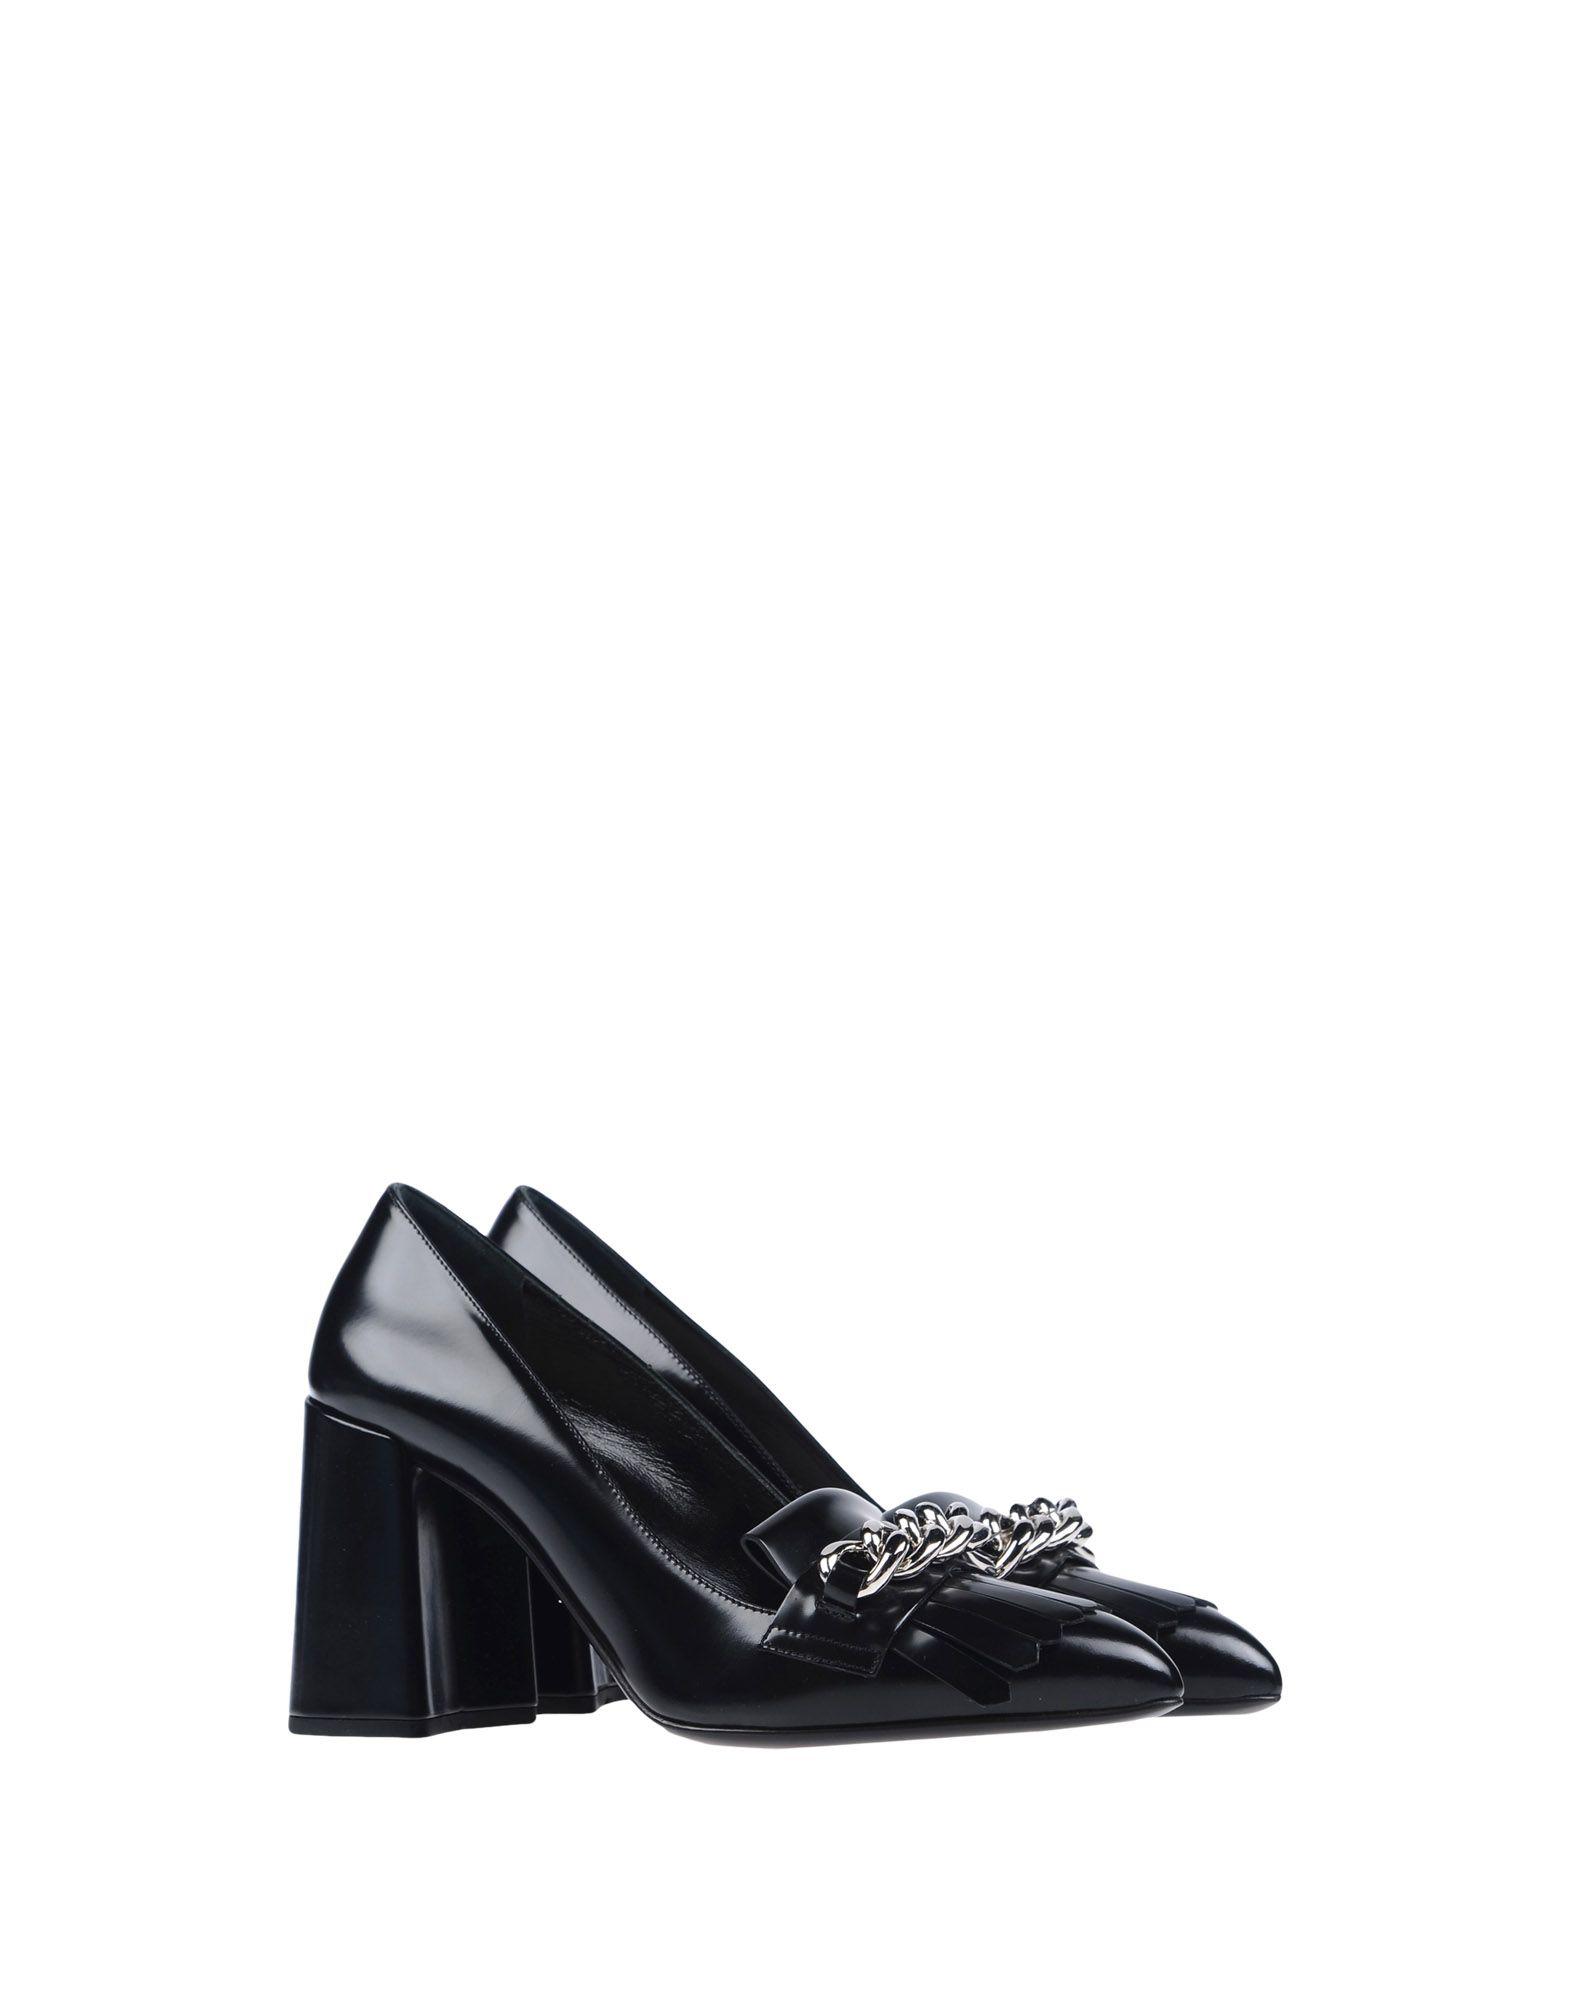 Prada Mokassins 11234208TLGünstige Damen  11234208TLGünstige Mokassins gut aussehende Schuhe 56599b